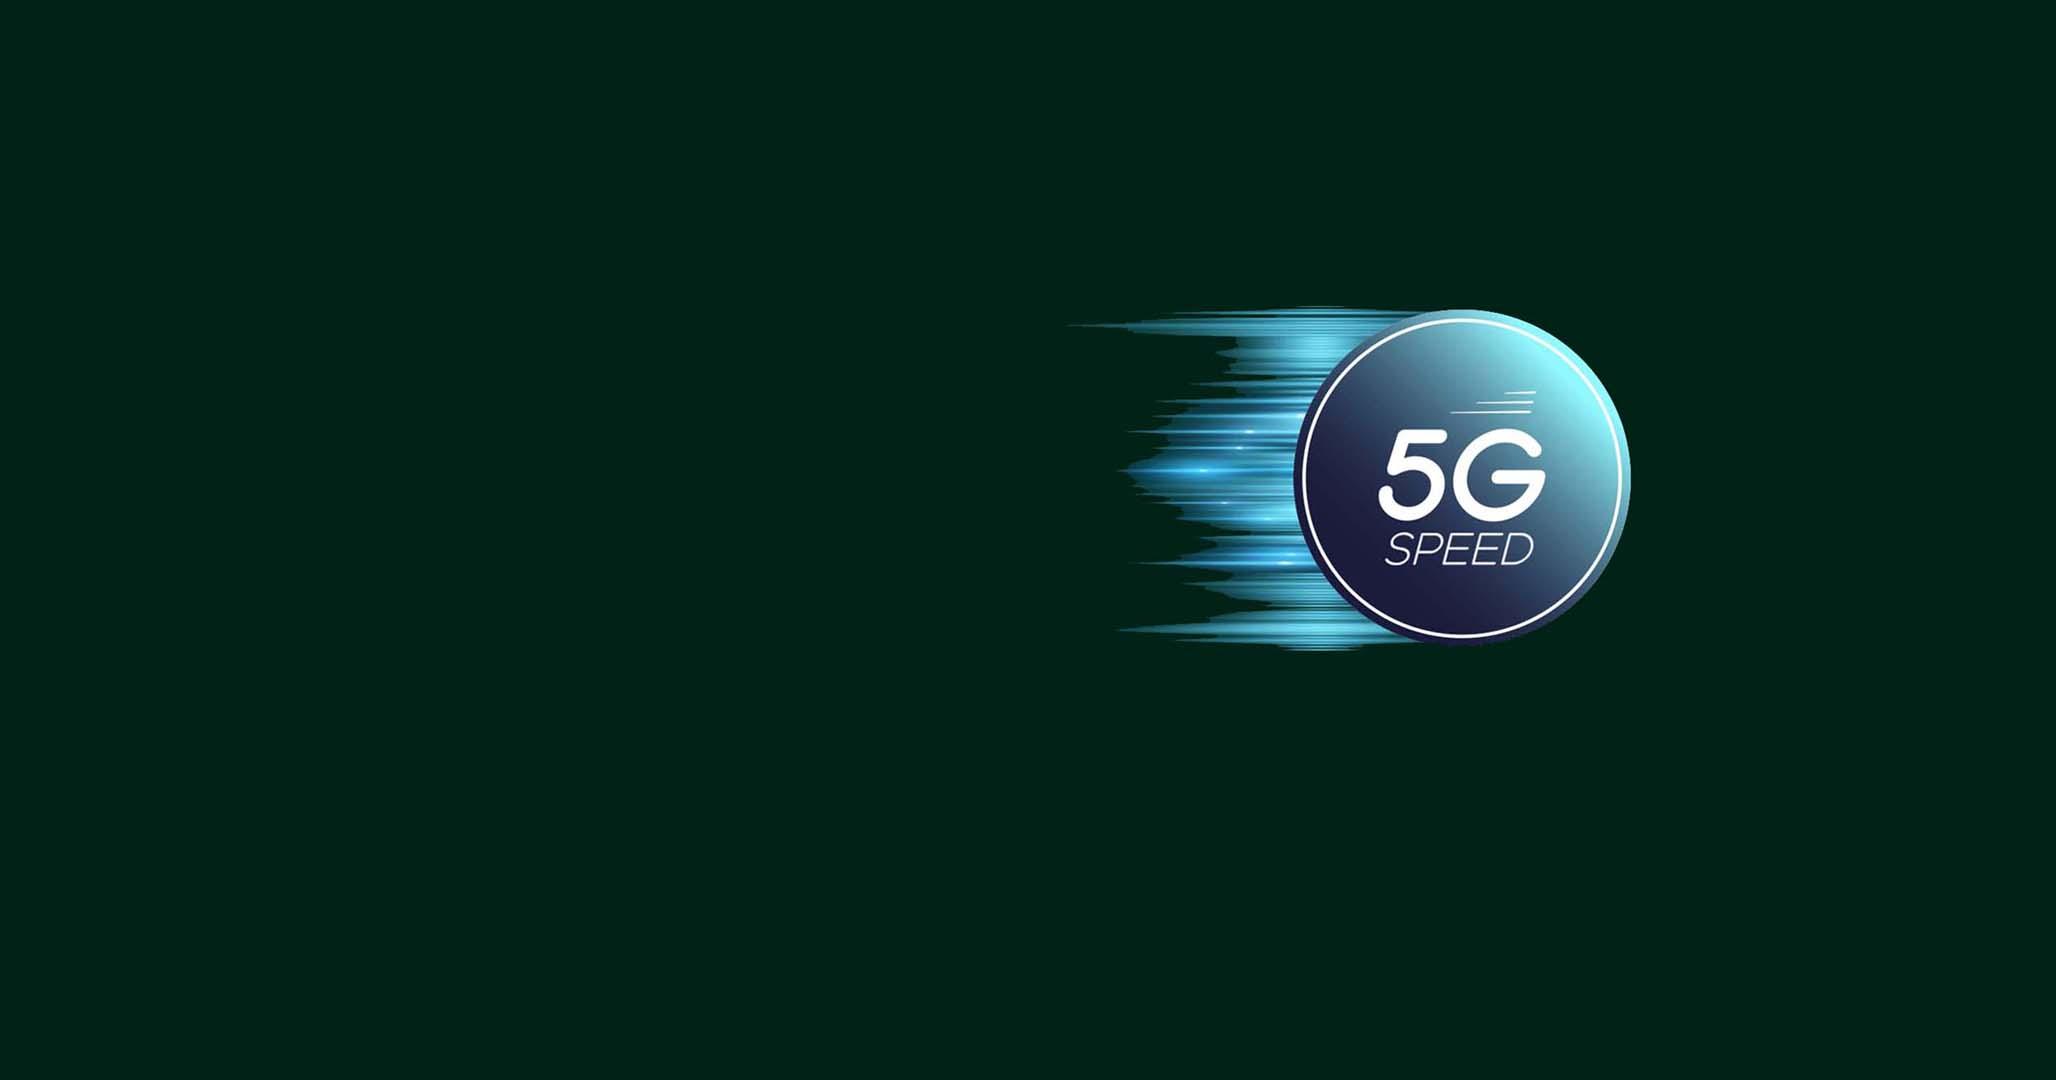 5G hos YouSee - Lynhurtigt mobilnetværk